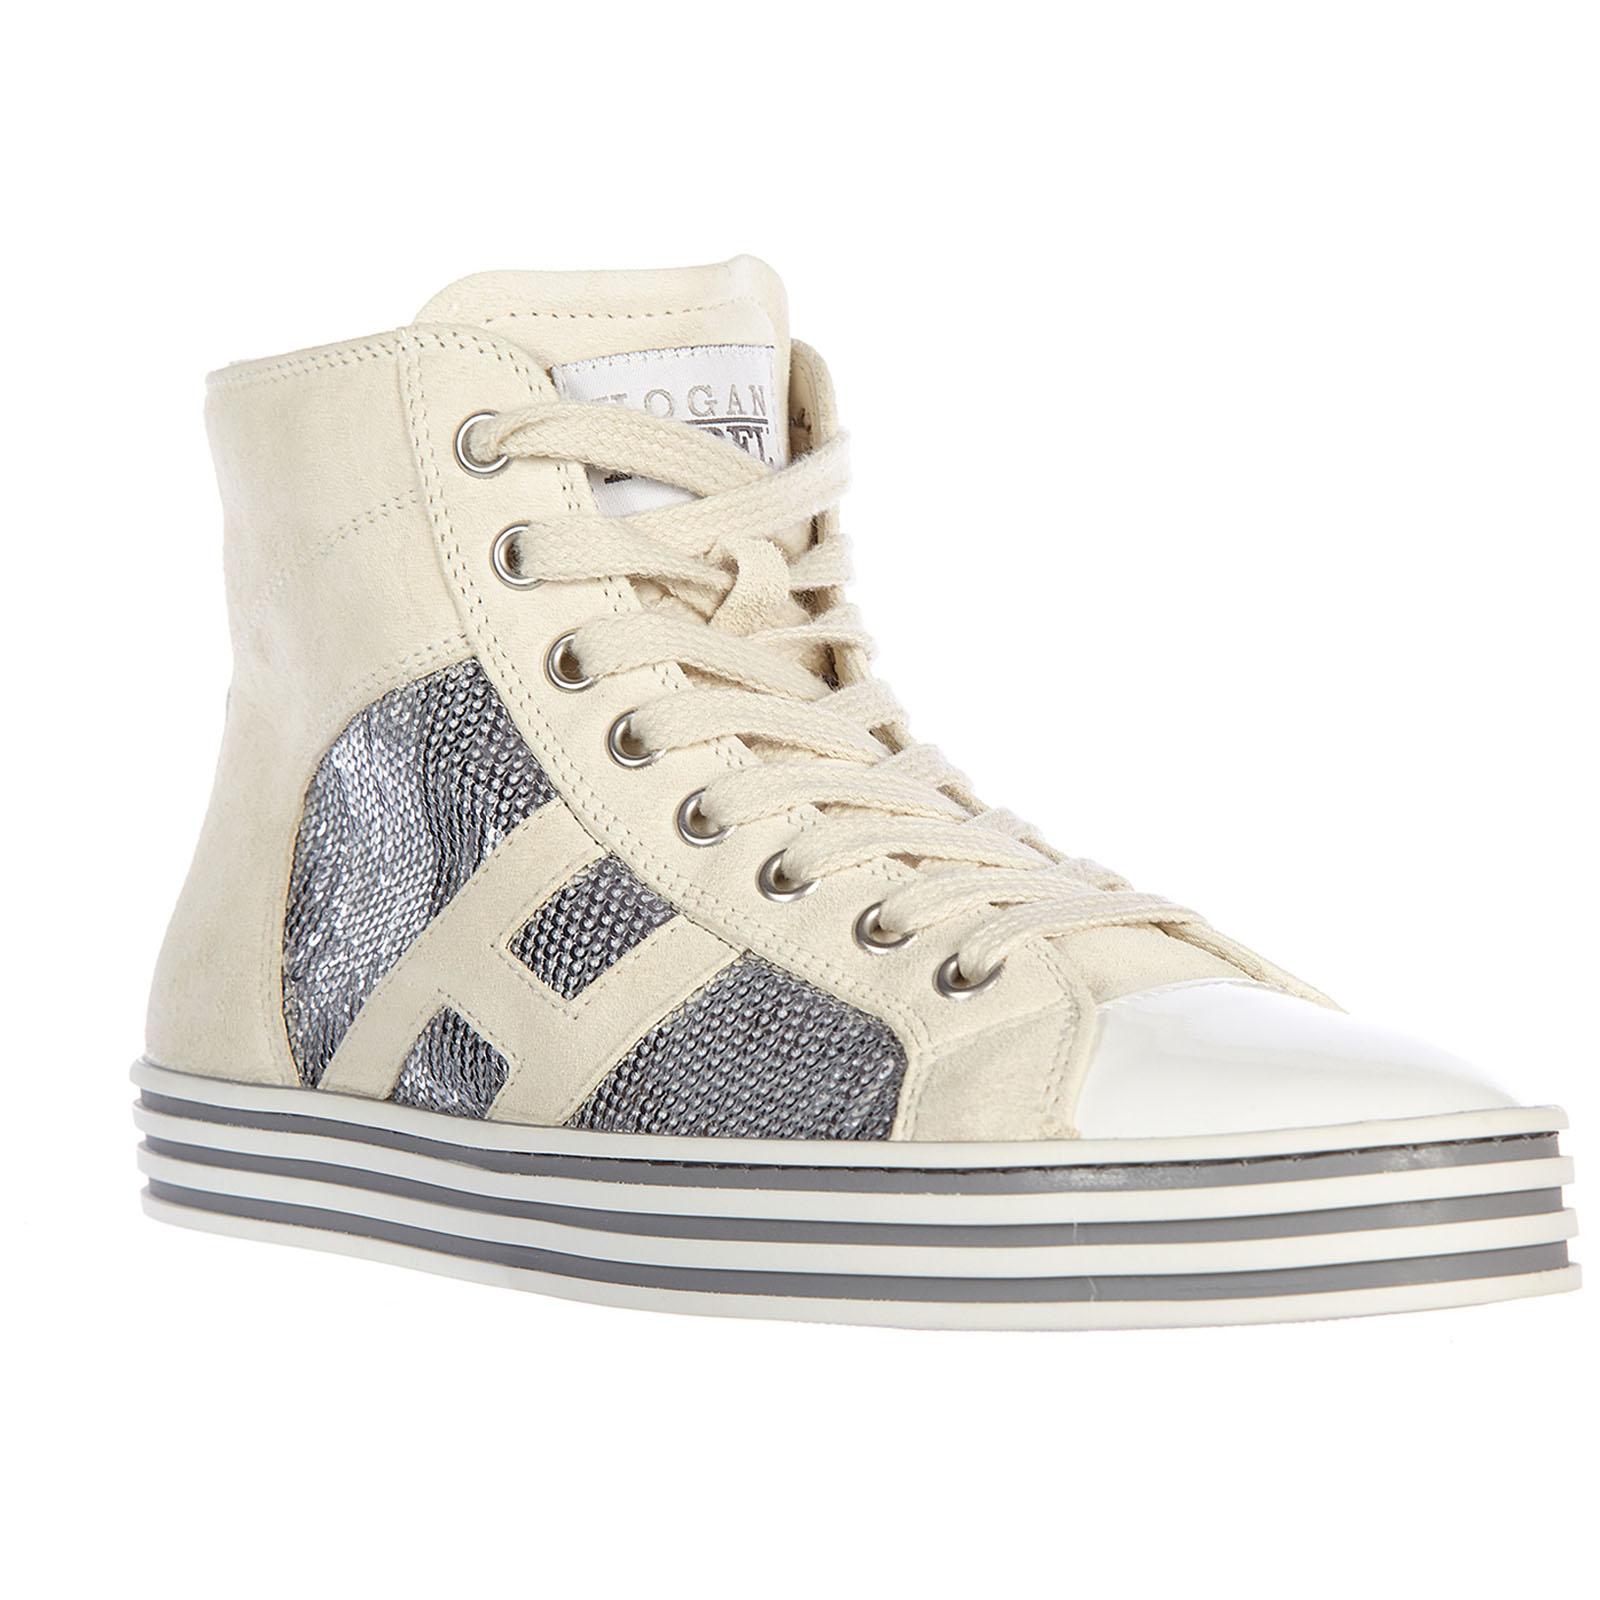 ... Scarpe sneakers alte donna in camoscio r141 rebel vintage ... a1b3c84deda